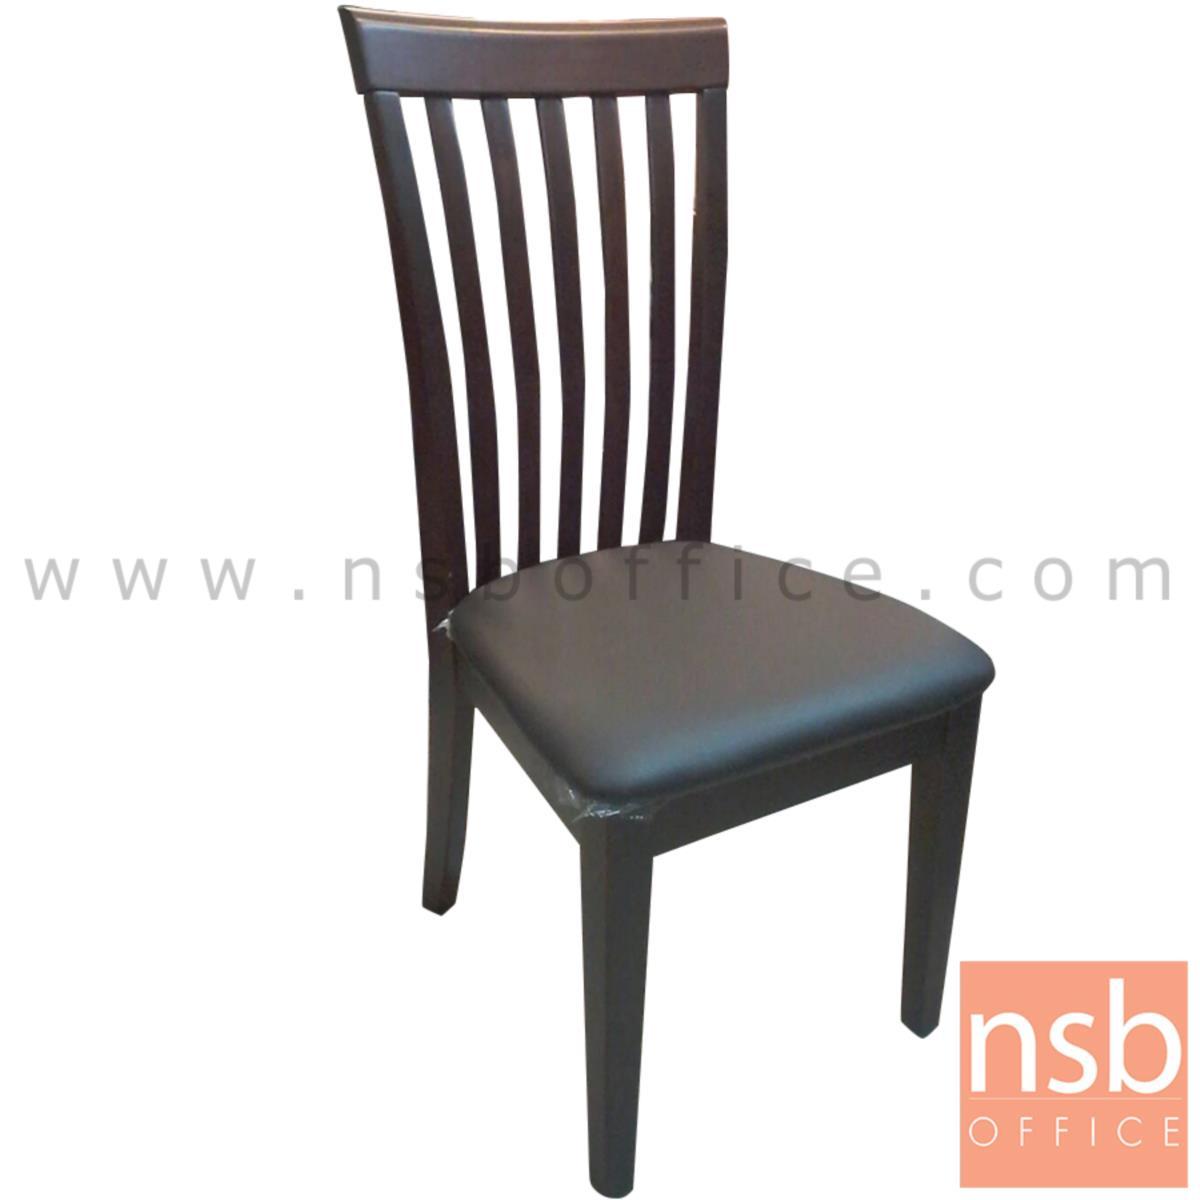 G14A039:เก้าอี้ไม้ยางพาราที่นั่งหุ้มหนังเทียม รุ่น Haggard (แฮ็กการ์ด) ขาไม้